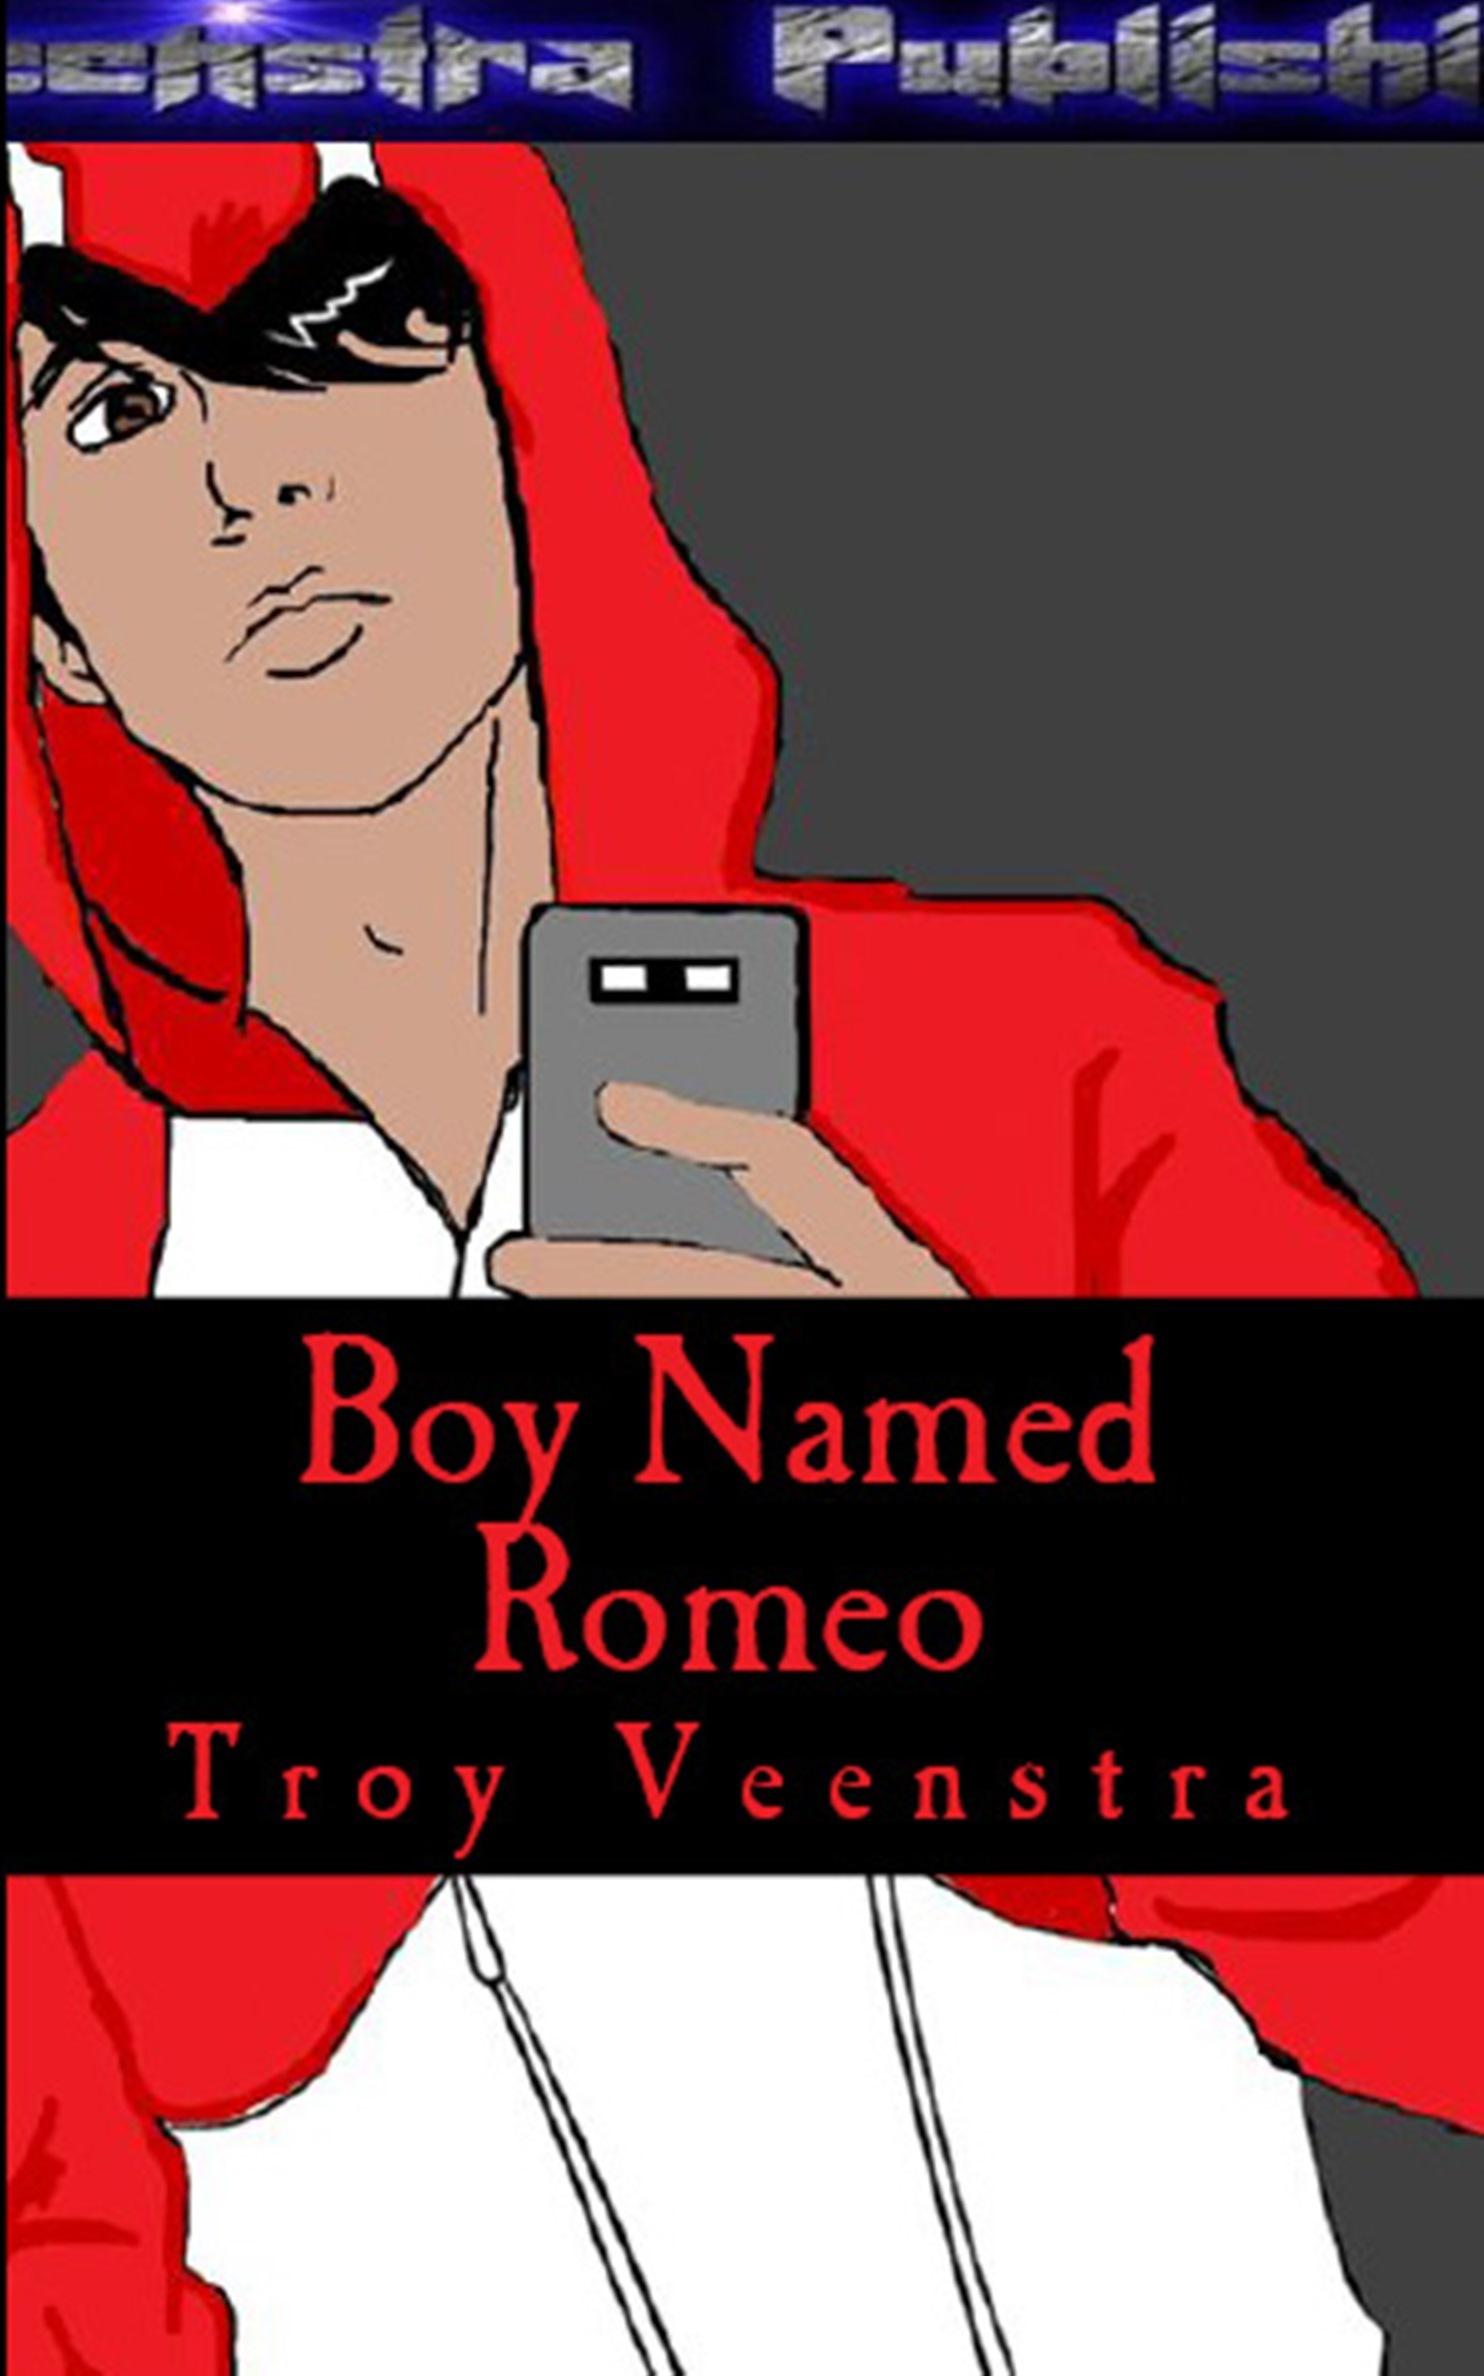 Boy Named Romeo Troy Veenstra